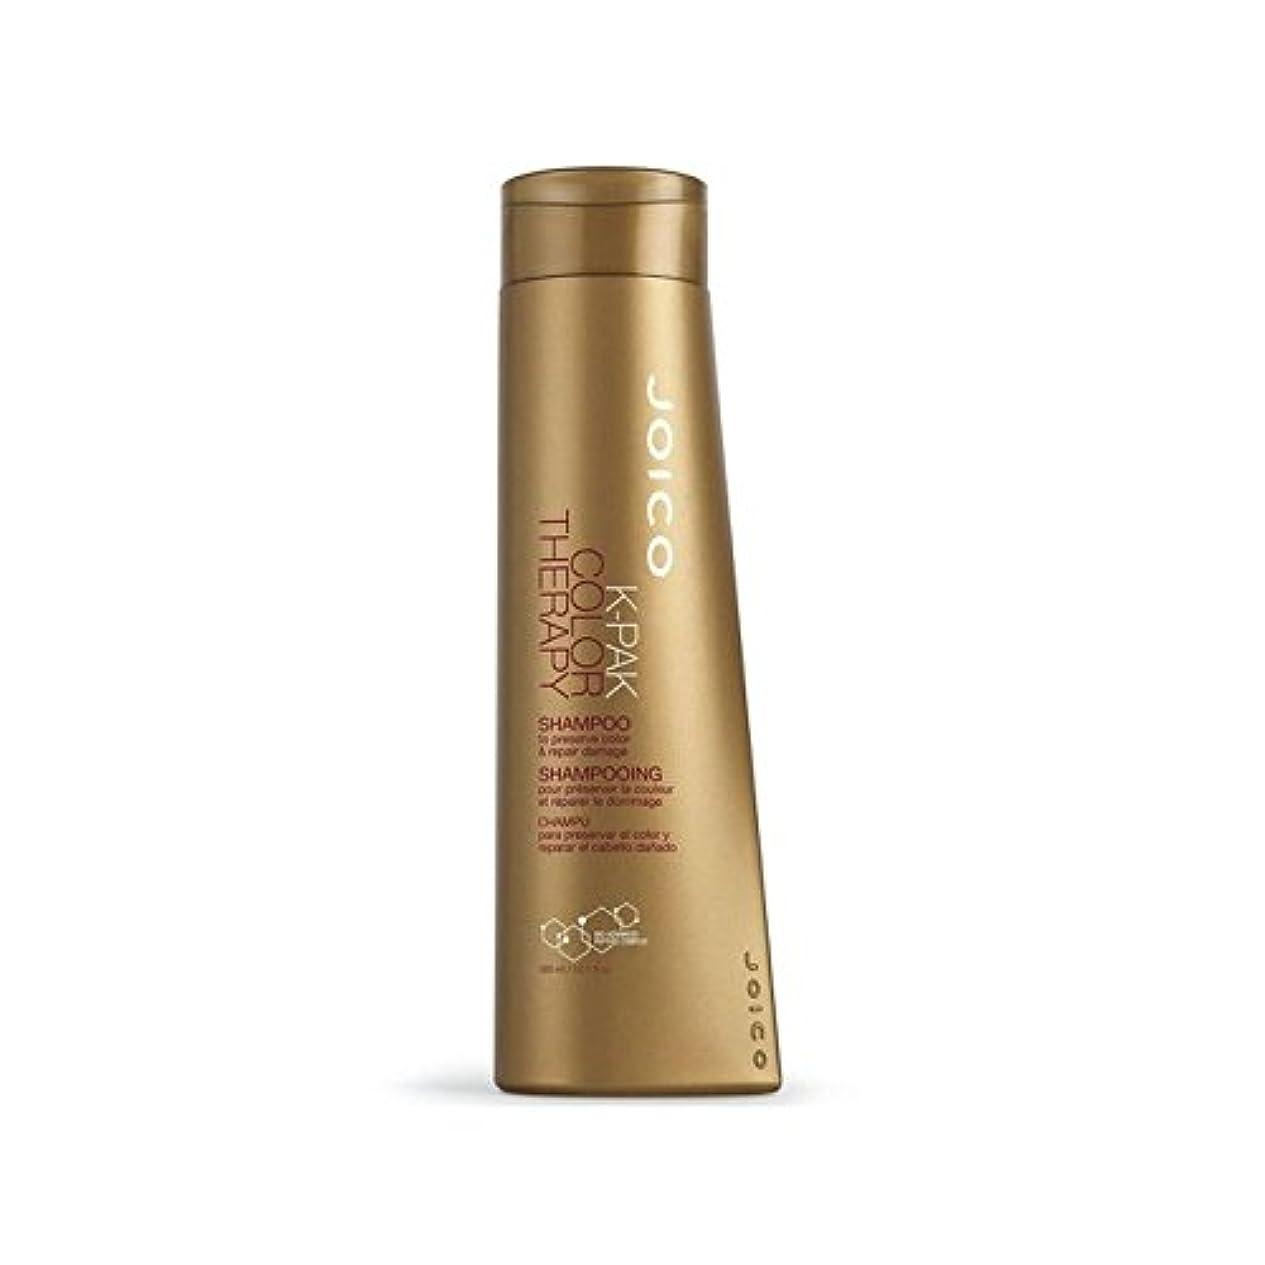 製造ショルダーデッキJoico K-Pak Color Therapy Shampoo 300ml - ジョイコ-カラーセラピーシャンプー300ミリリットル [並行輸入品]